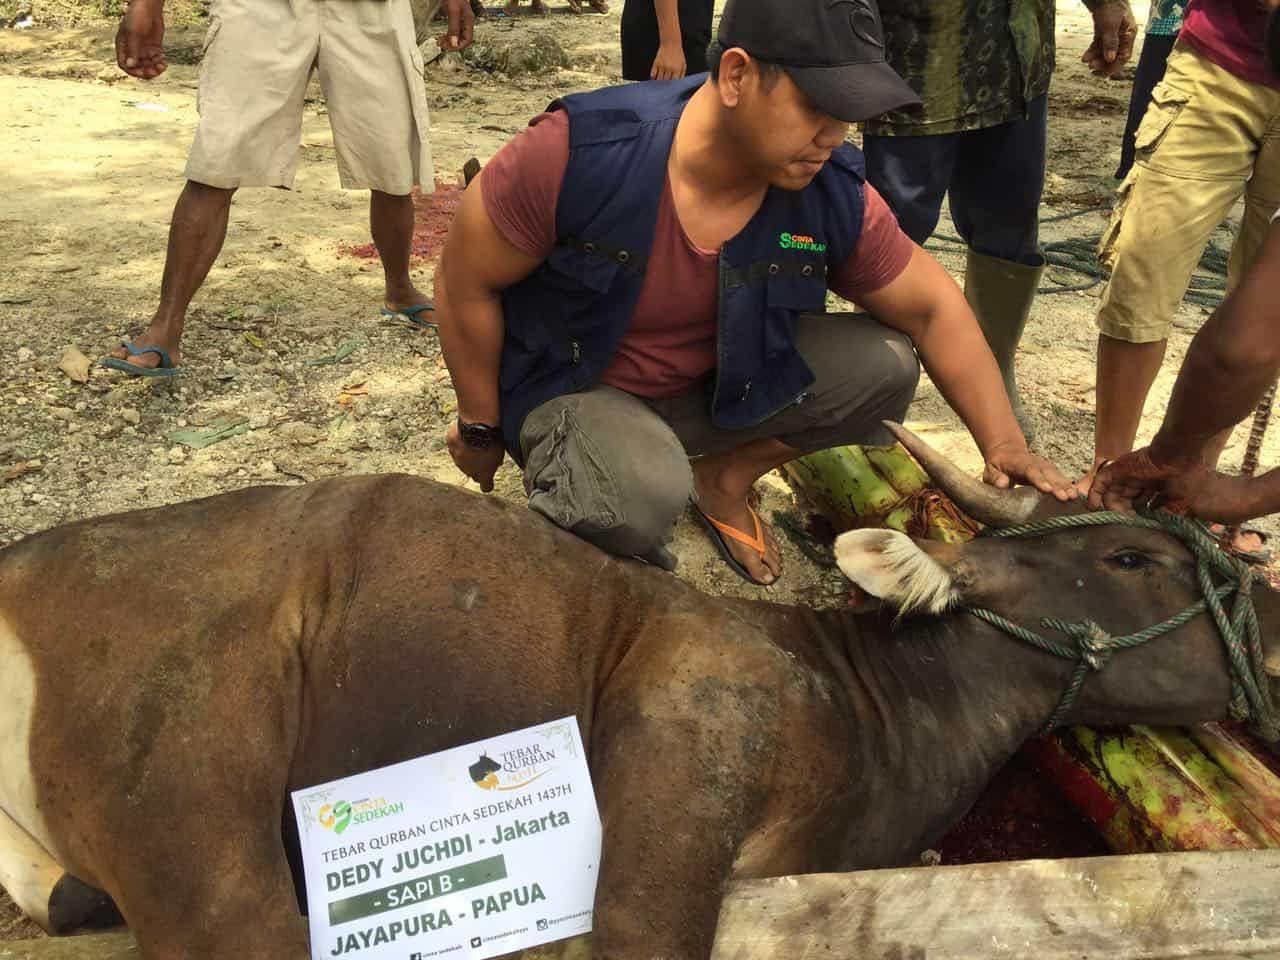 Tebar Qurban Cinta Sedekah 1437H di Papua